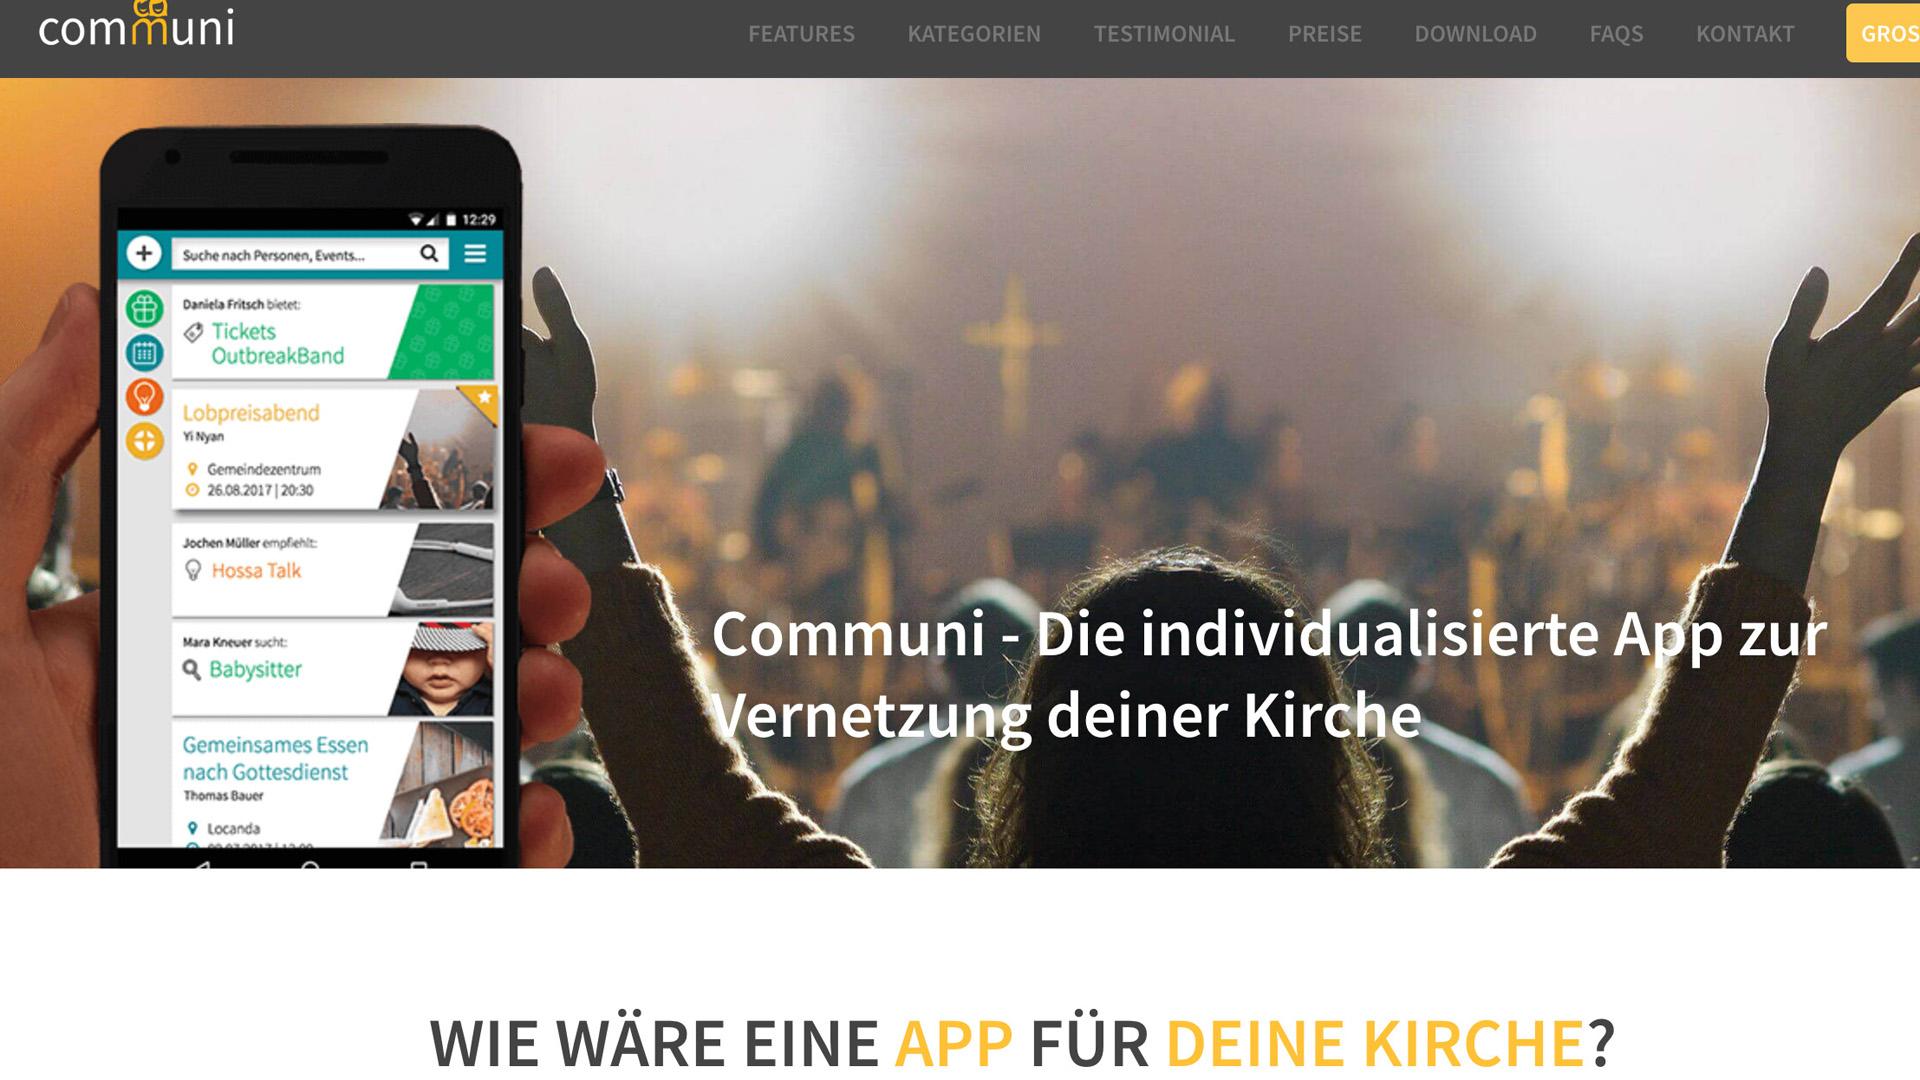 Die App Communi will Kirchen- und Gemeinemitglieder vernetzen